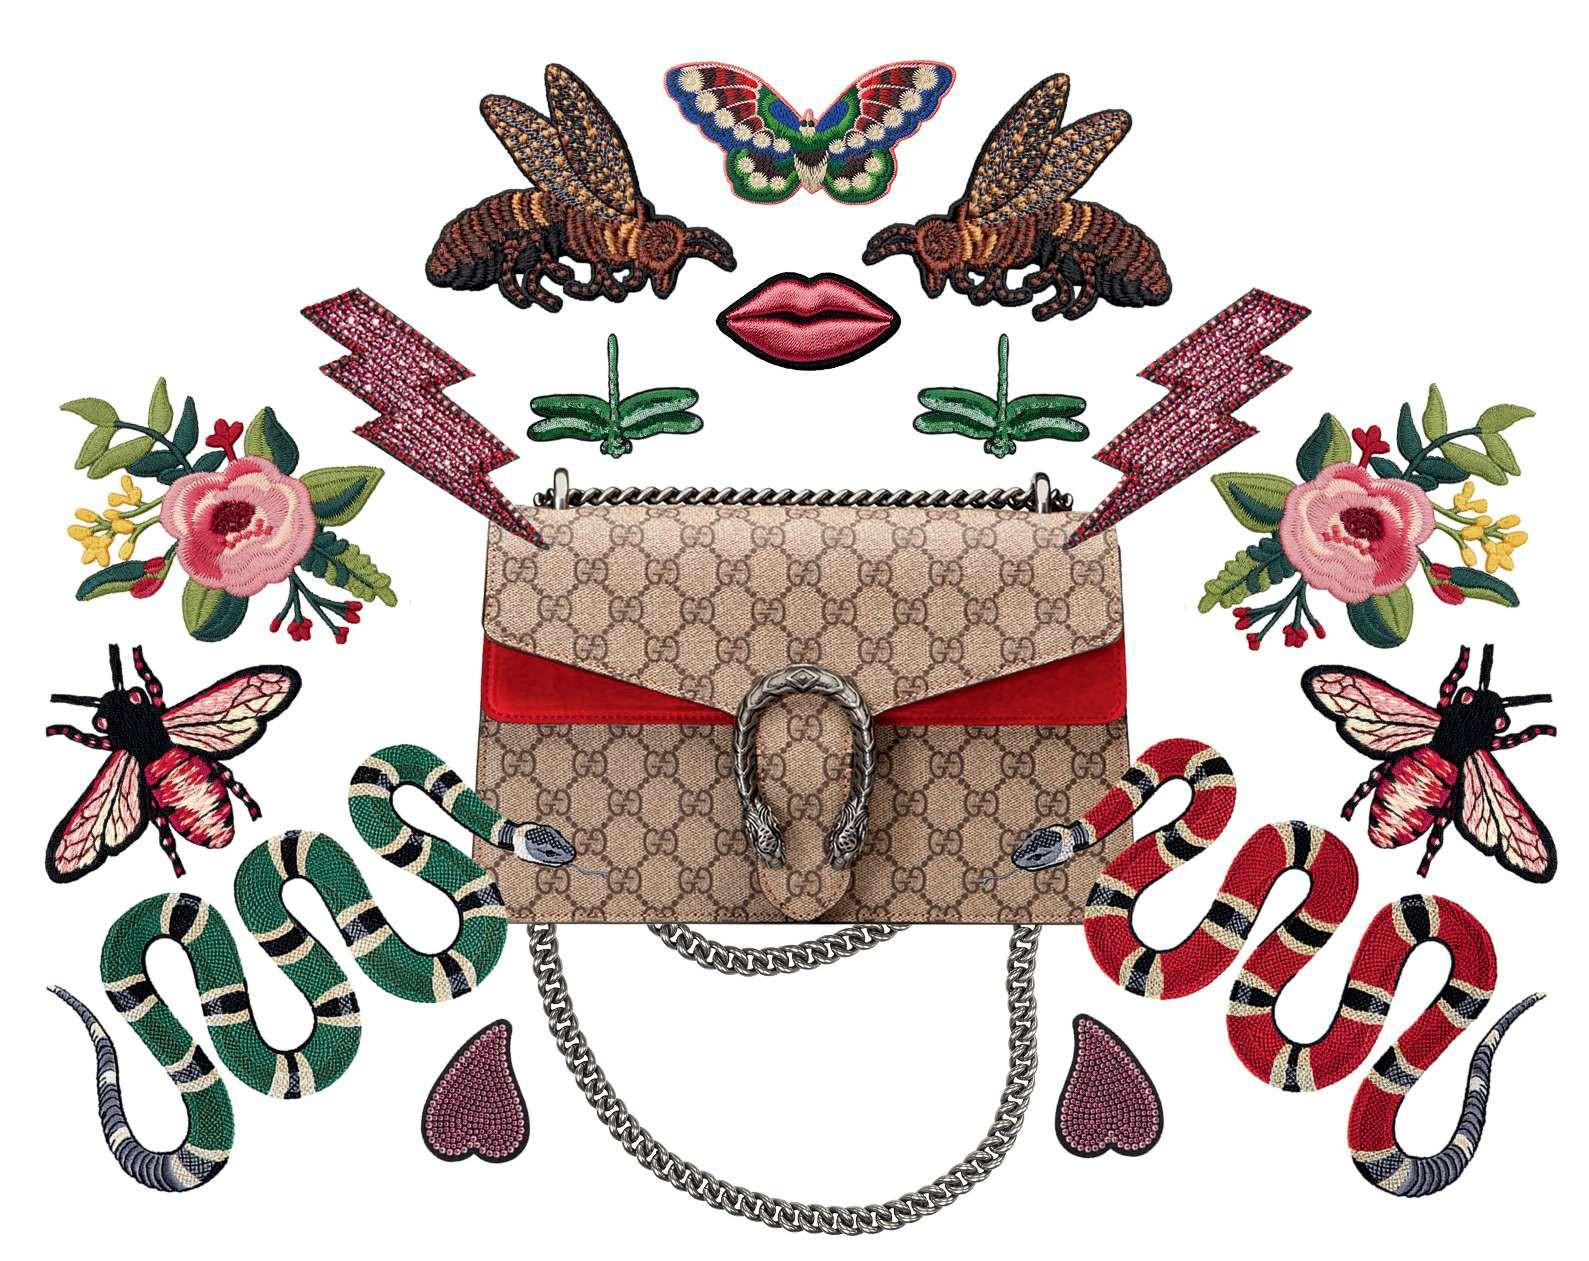 Gucci - O serviço de DIY da grife, lançado em junho em Milão, oferece uma ampla variedade de tecidos,  patches e botões que podem customizar de  jaquetas a acessórios, como a bolsa Dionysus (Foto: Divulgação)